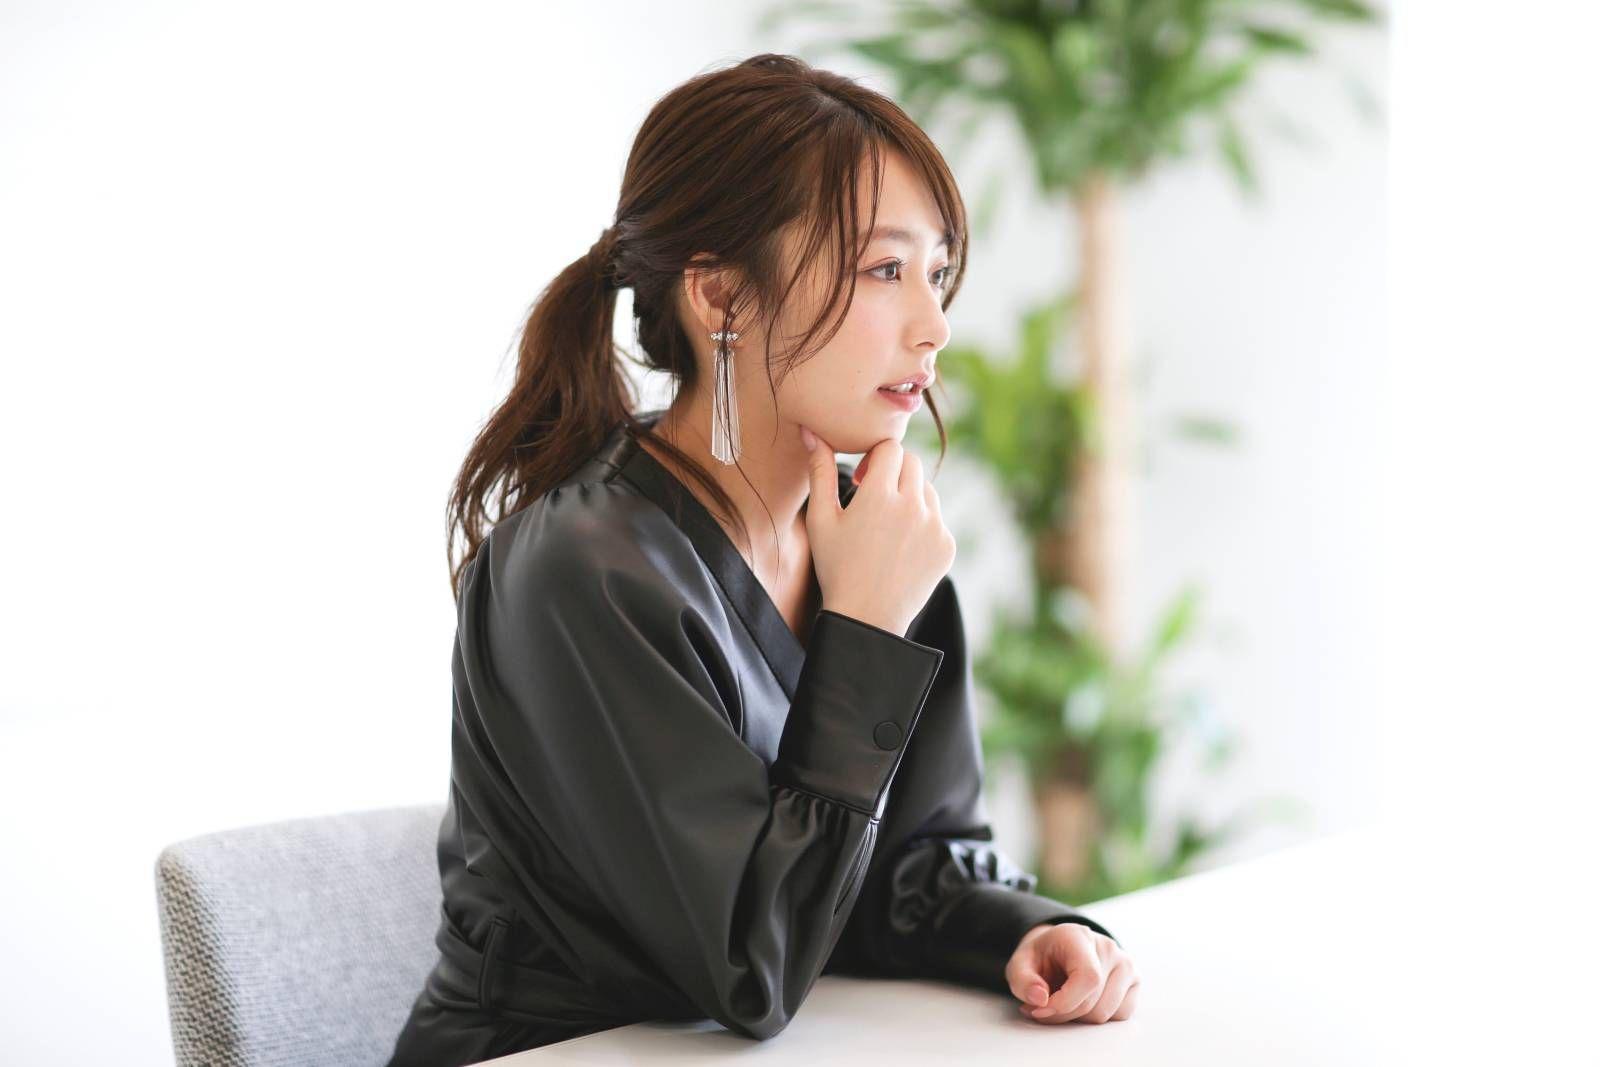 宇垣美里のコンプレックスとは about beauty 前編 4meee 宇垣美里 美貌 ブルー ベスト